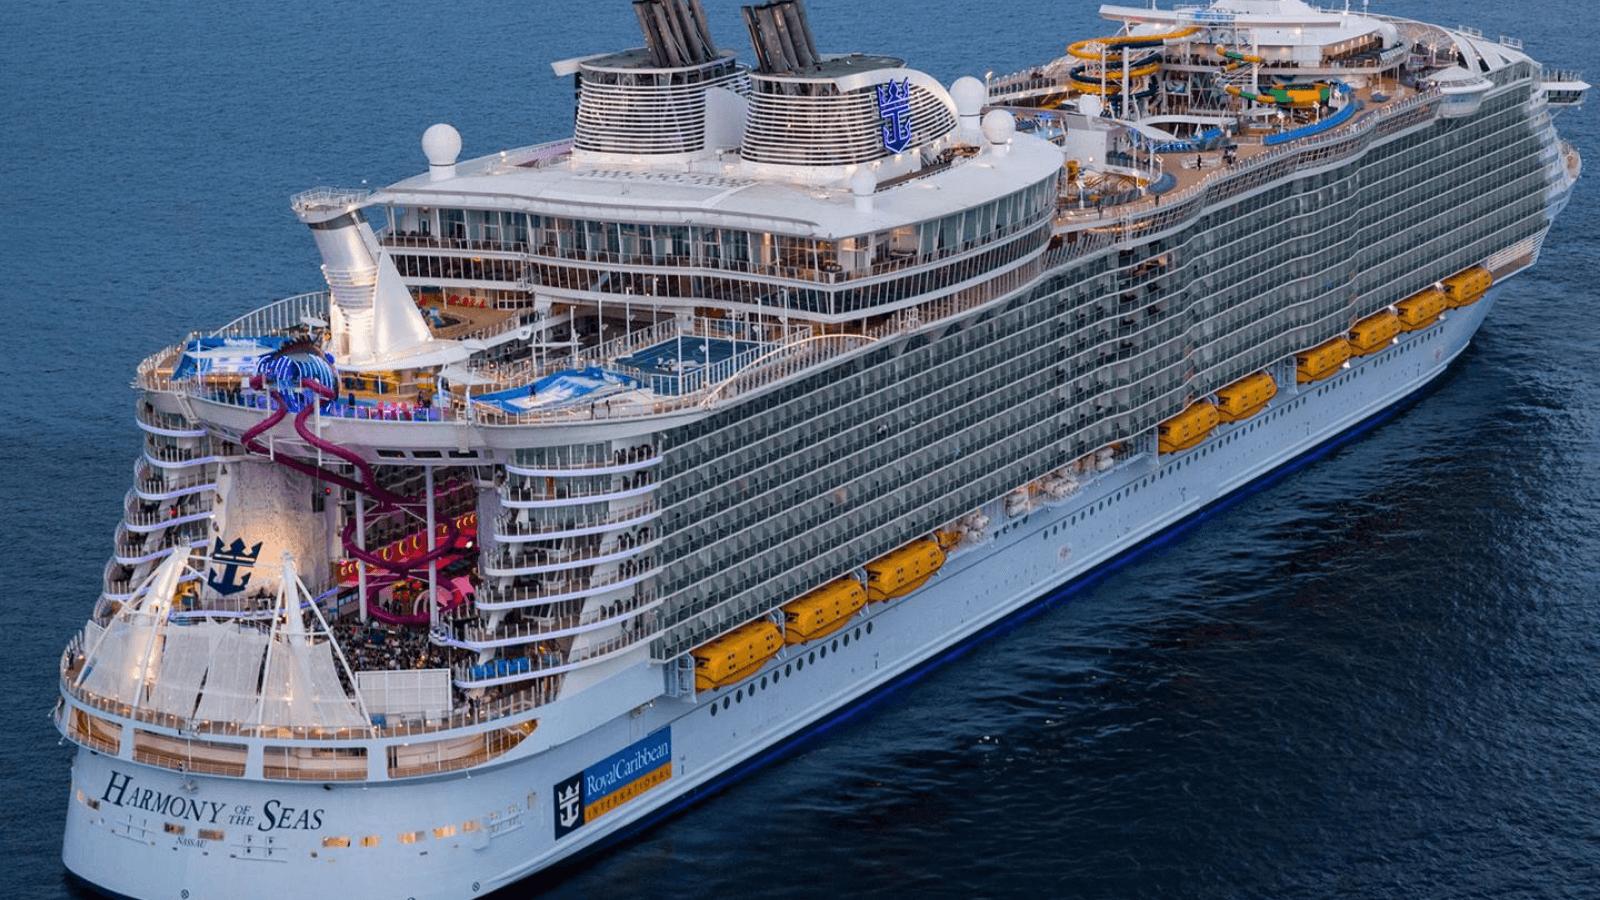 Royal Caribbean confirma la suspensión temporal de las operaciones de cruceros globales hasta el 31 de julio 3